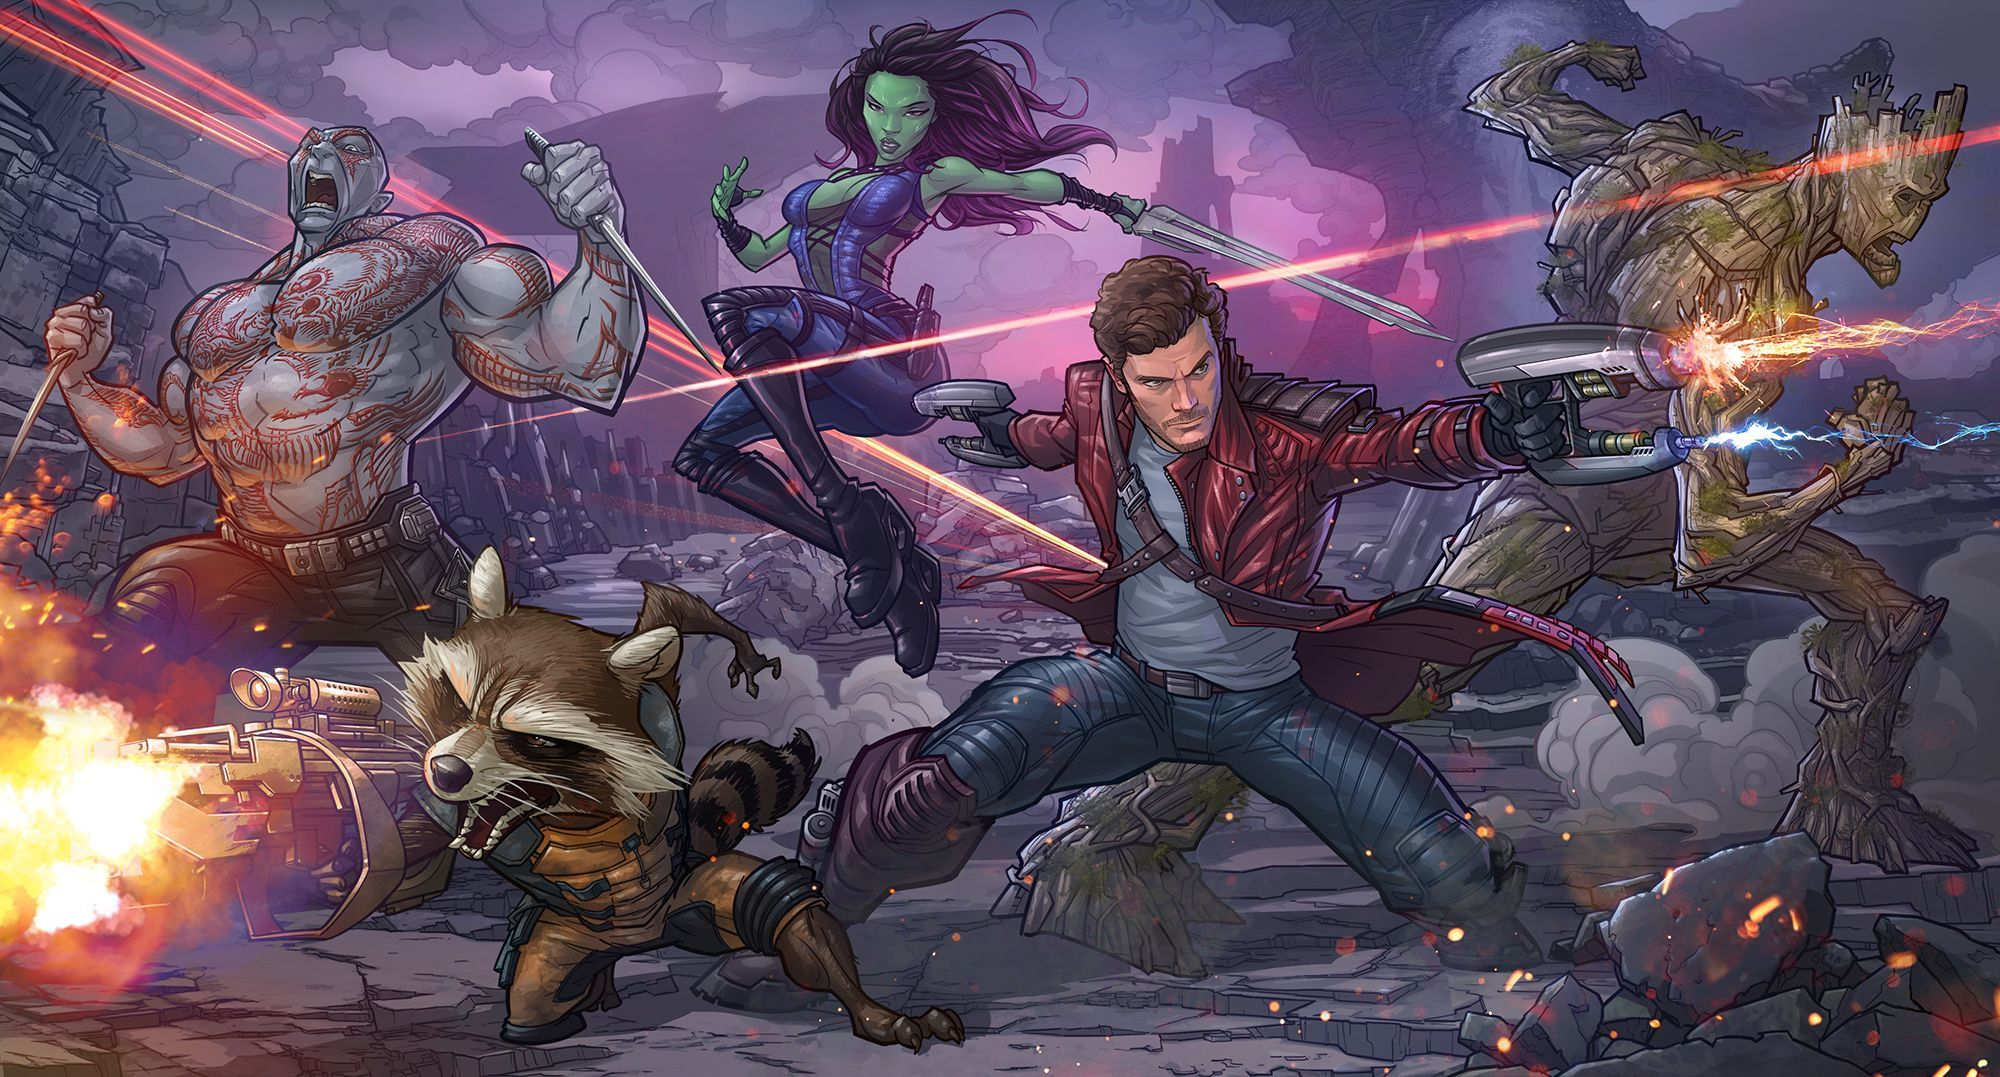 [TGA 2016] Мировая премьера игры Guardians OfThe Galaxy: The Telltale Series